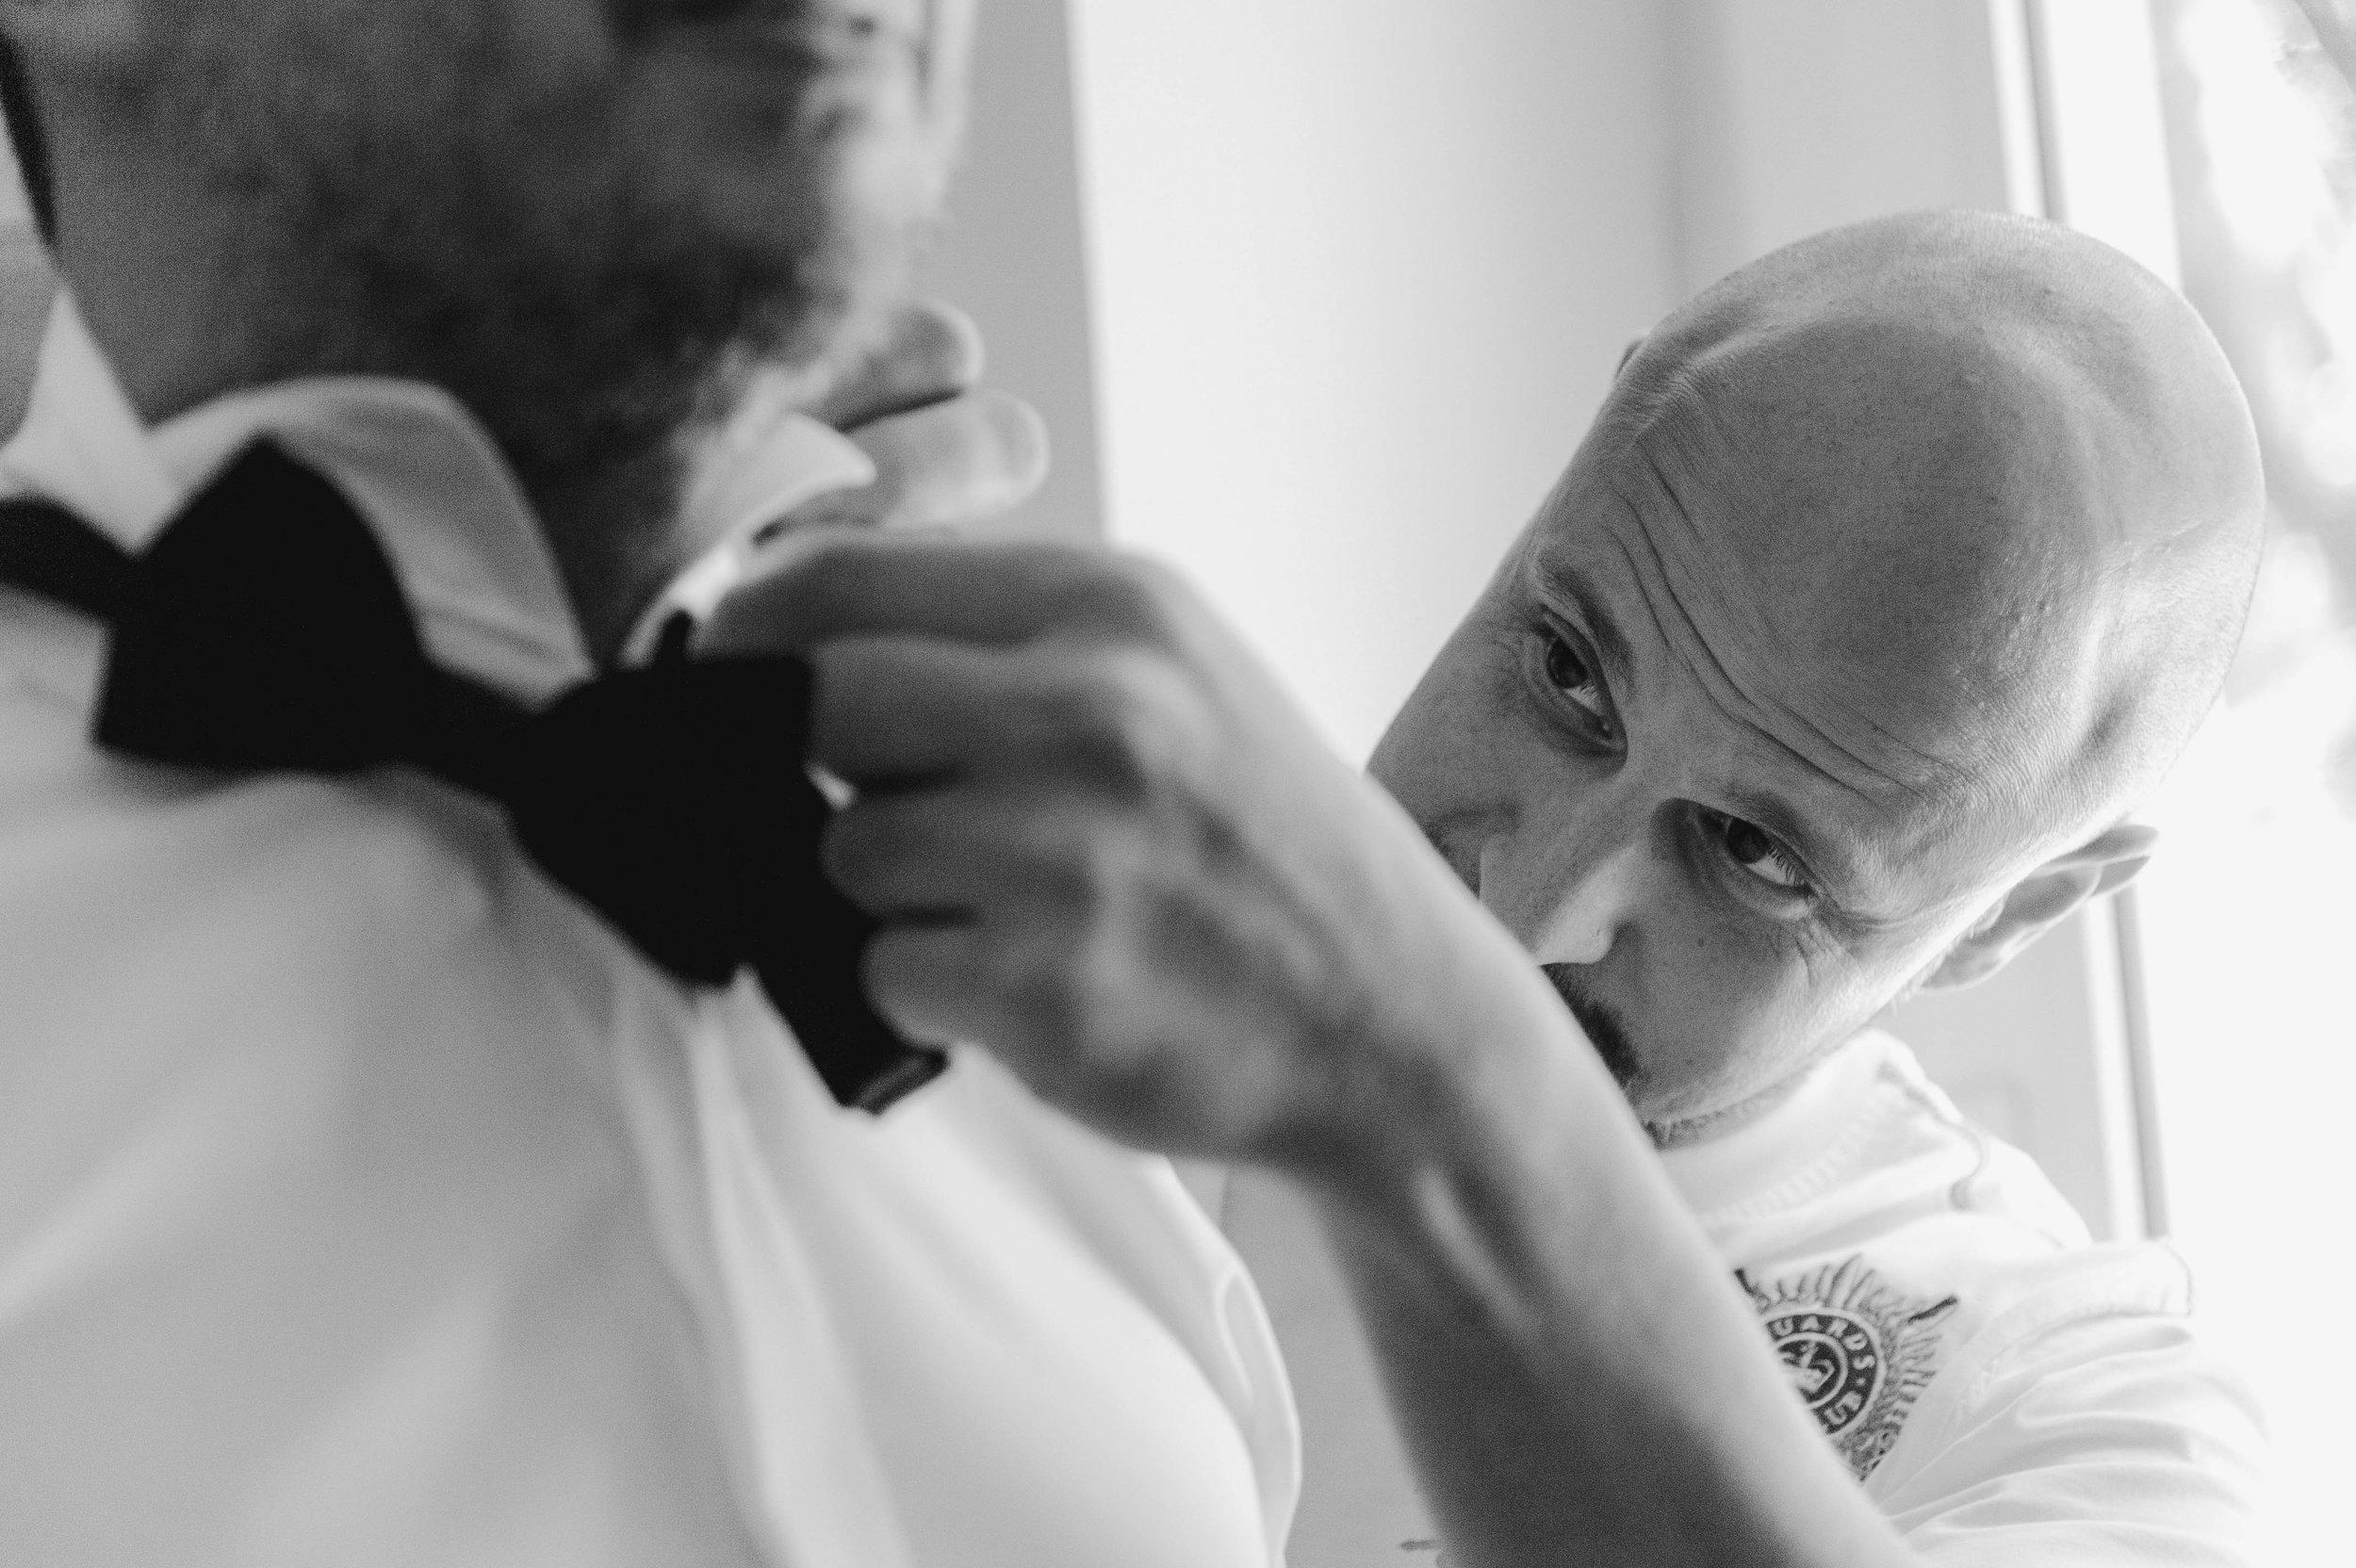 027 - Preparazione sposo.jpg